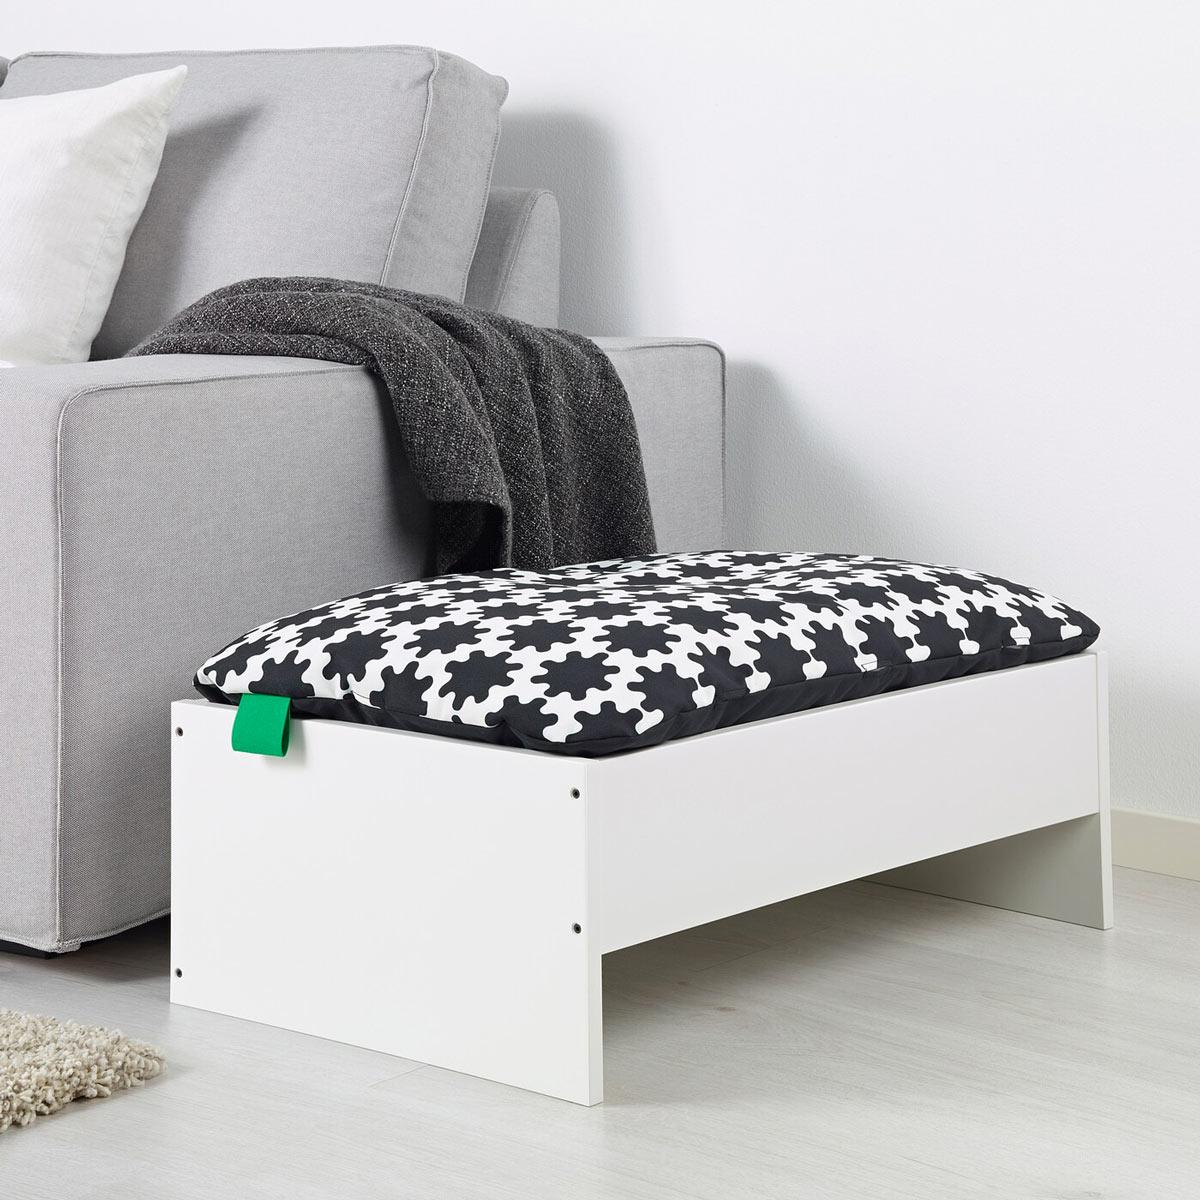 cuccia per cani IKEA con cuscino